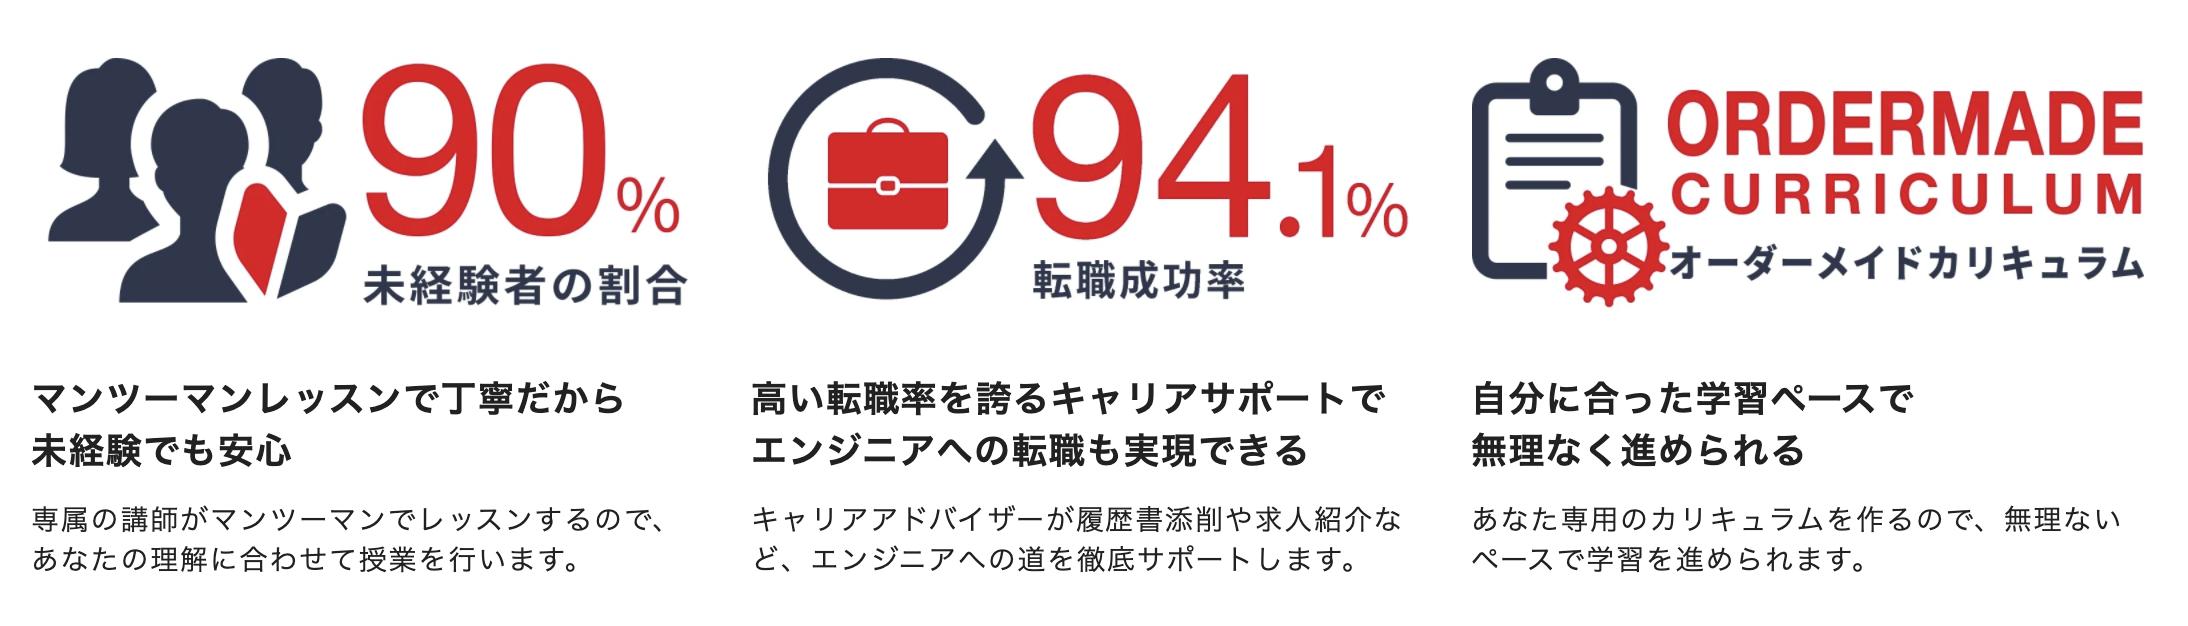 侍エンジニアは転職成功率94.1%